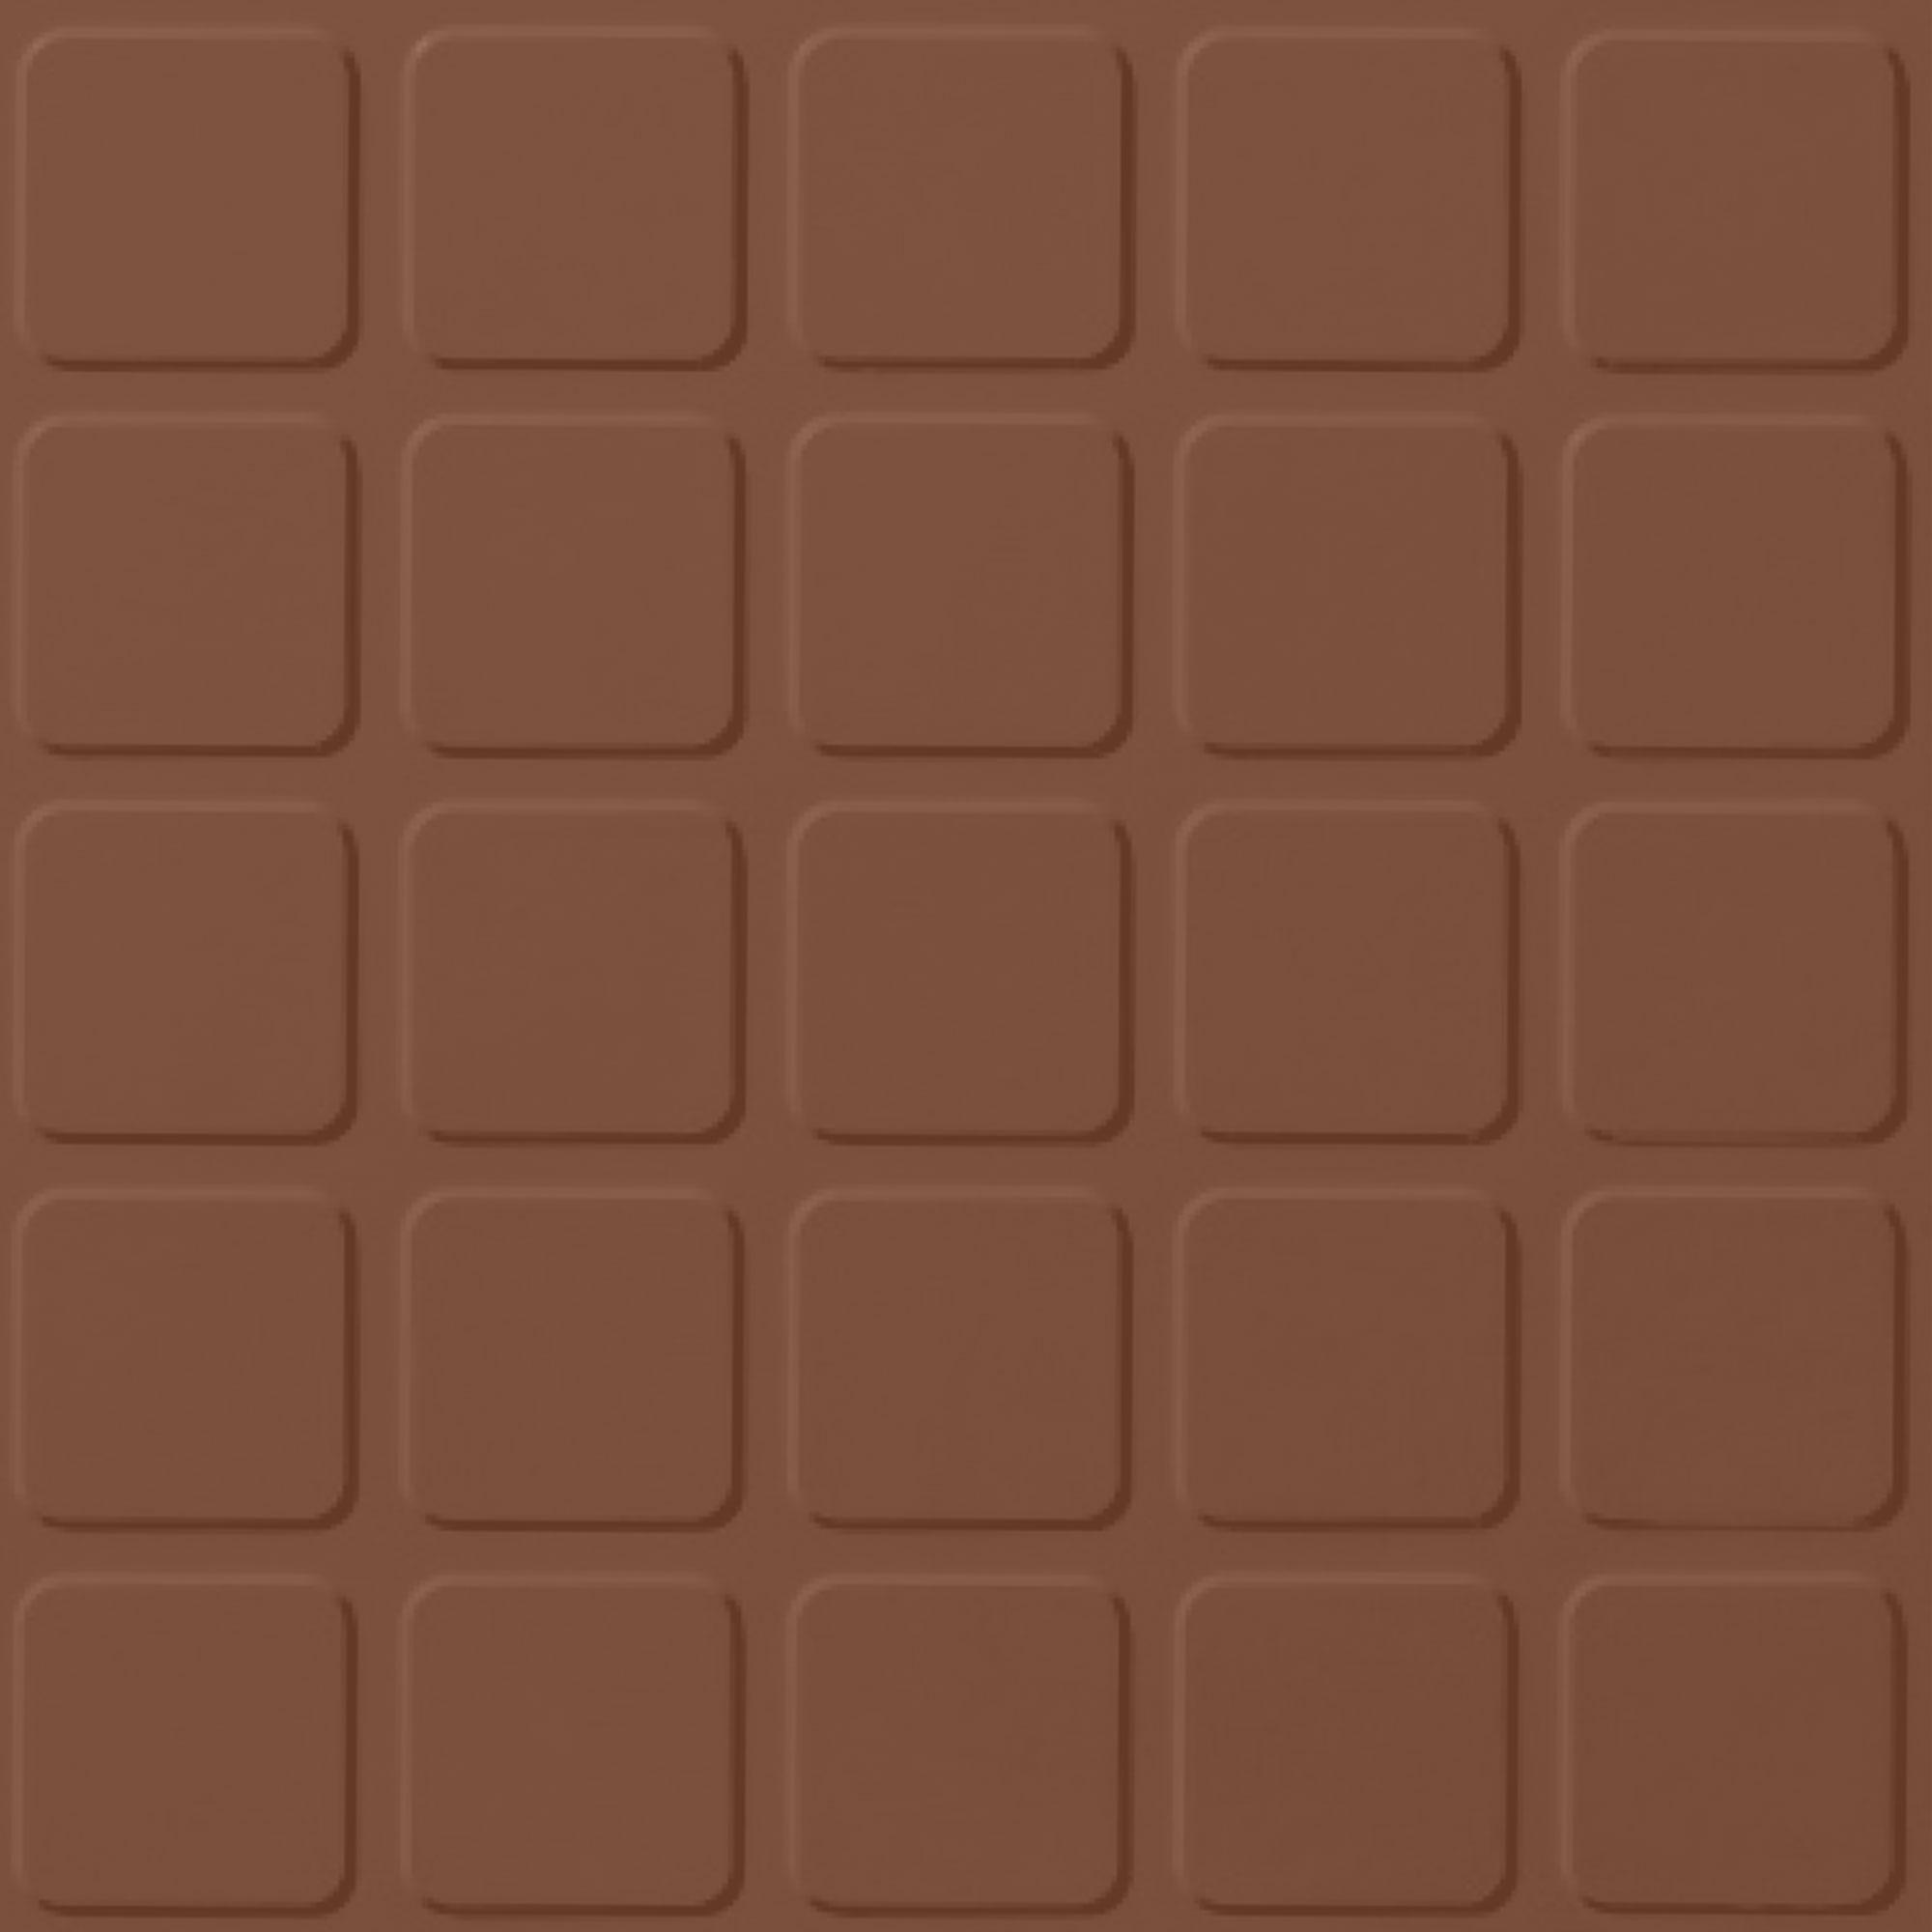 Roppe Rubber Tile 900 - Raised Square Design (994) Nutmeg Rubber Flooring